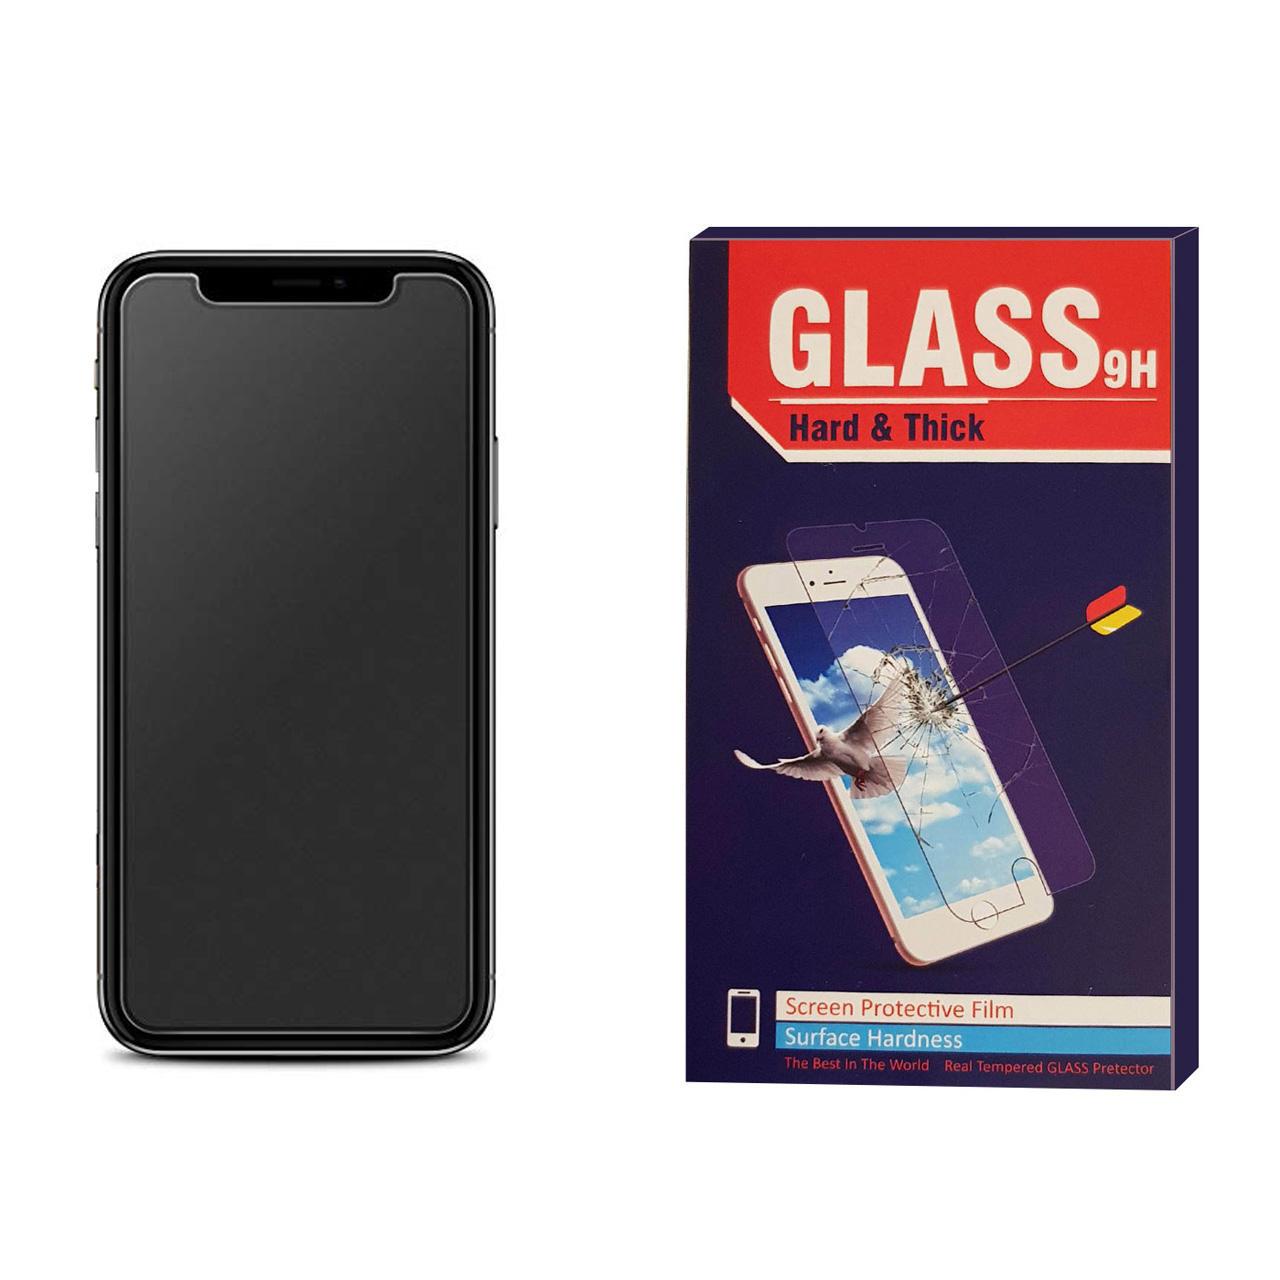 محافظ صفحه نمایش مات Hard and thick مدل  Flexible مناسب برای گوشی موبایل آیفون  IPHONE XS max